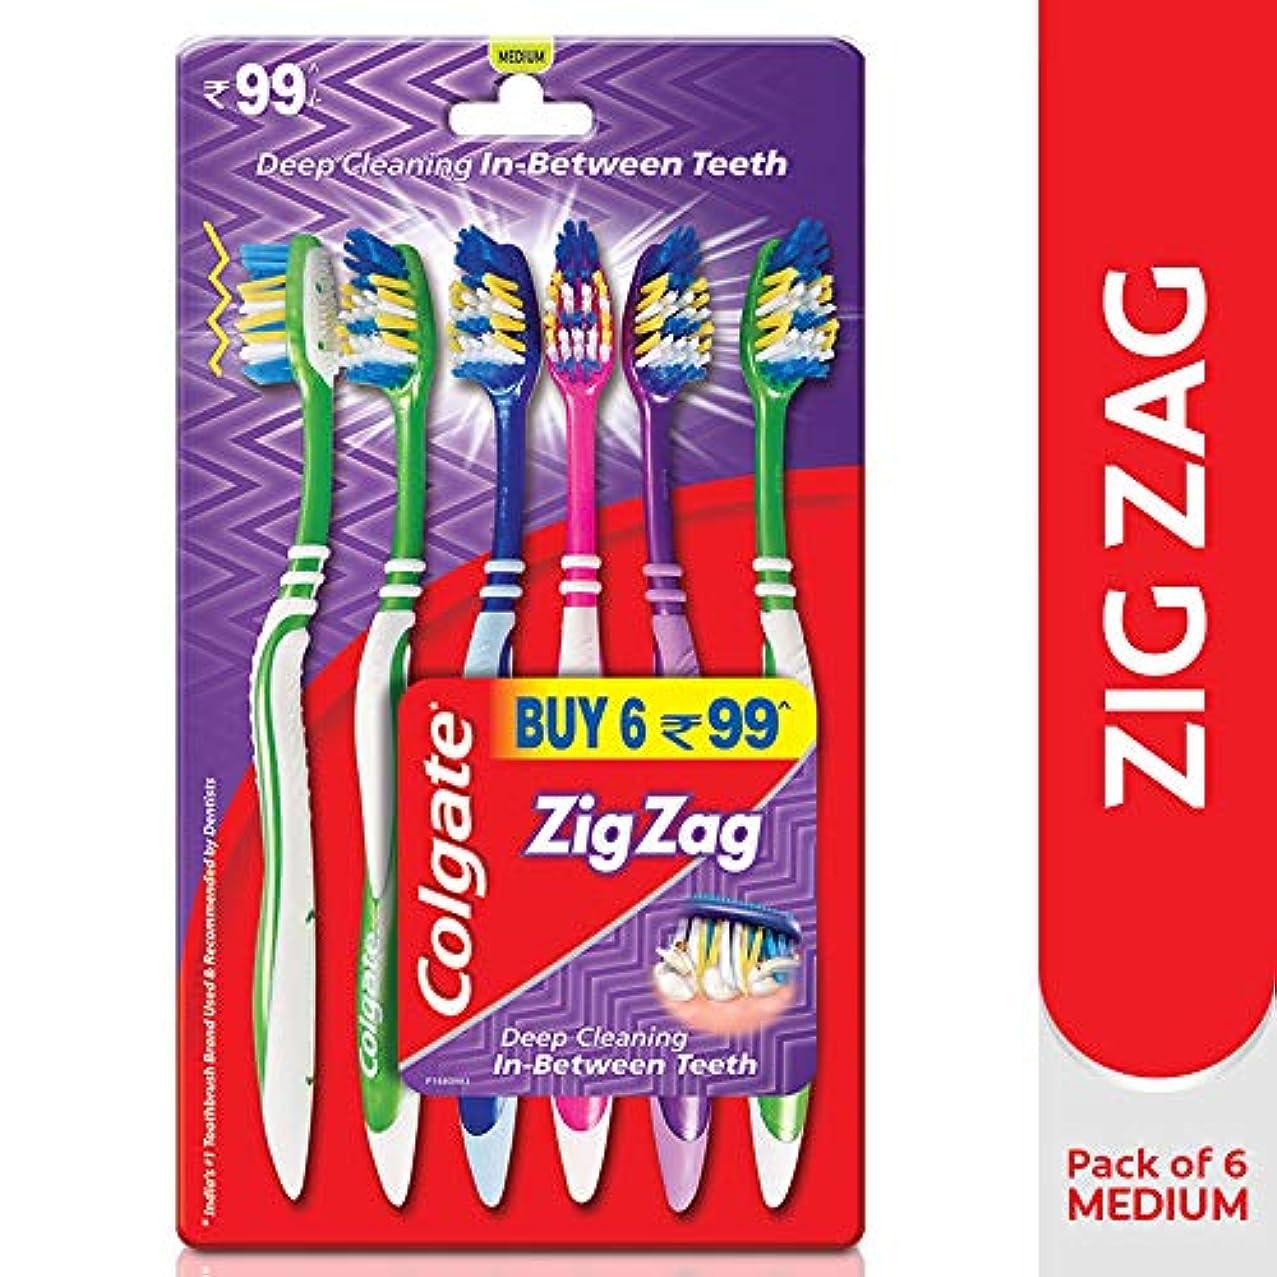 思い出させるインレイ思慮深いColgate Zig Zag Toothbrush